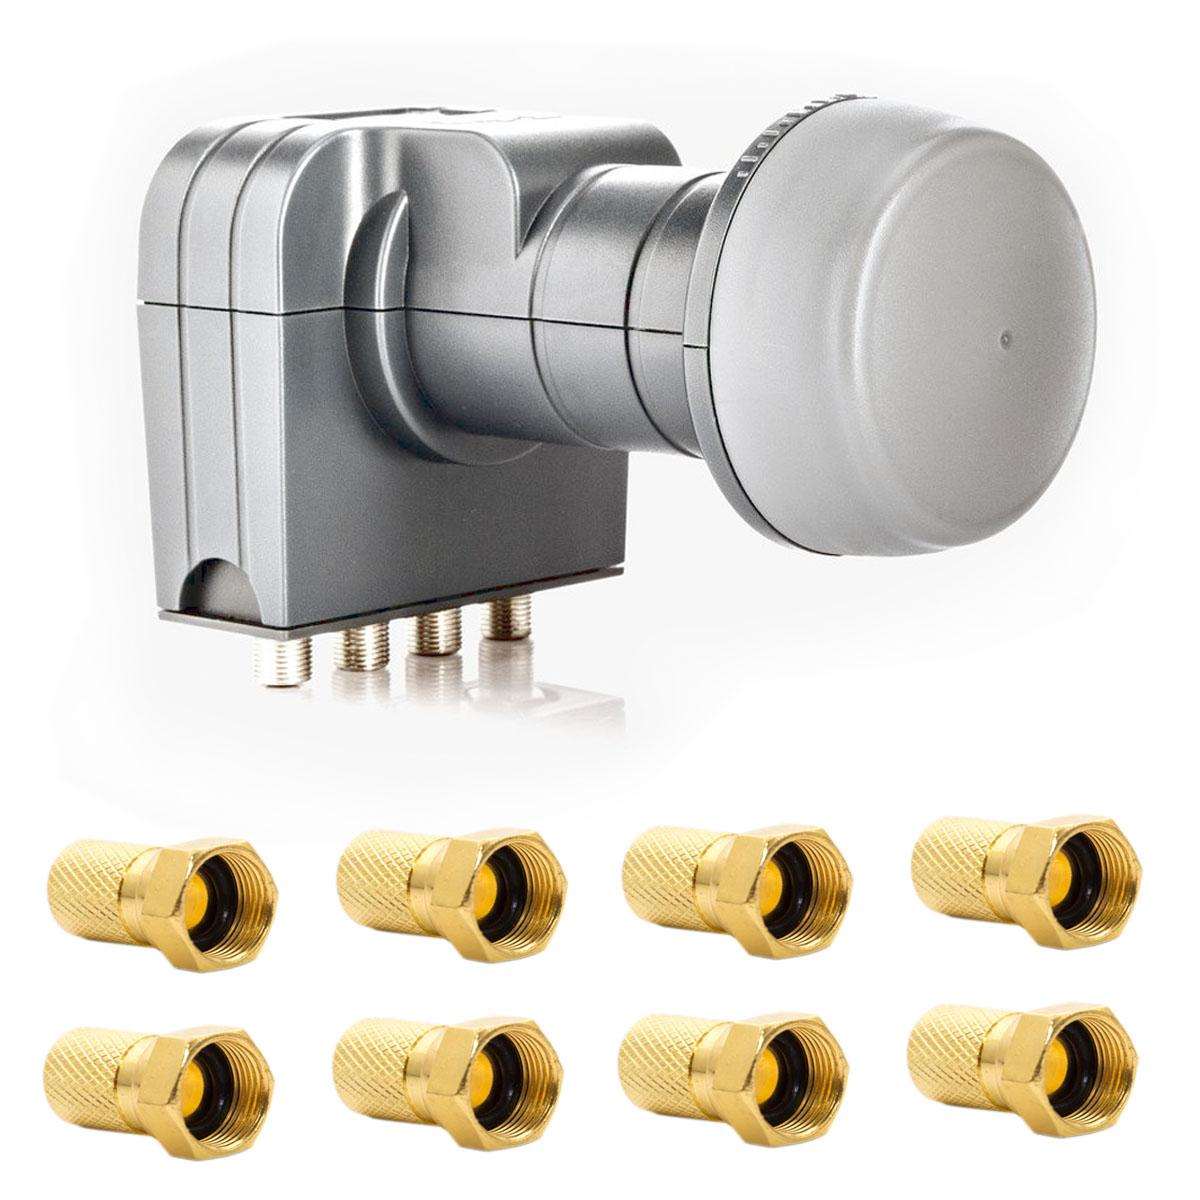 fuba dek 407 quattro lnb multischalter mit integriertem wetterschutzgeh use zum schutz der f. Black Bedroom Furniture Sets. Home Design Ideas